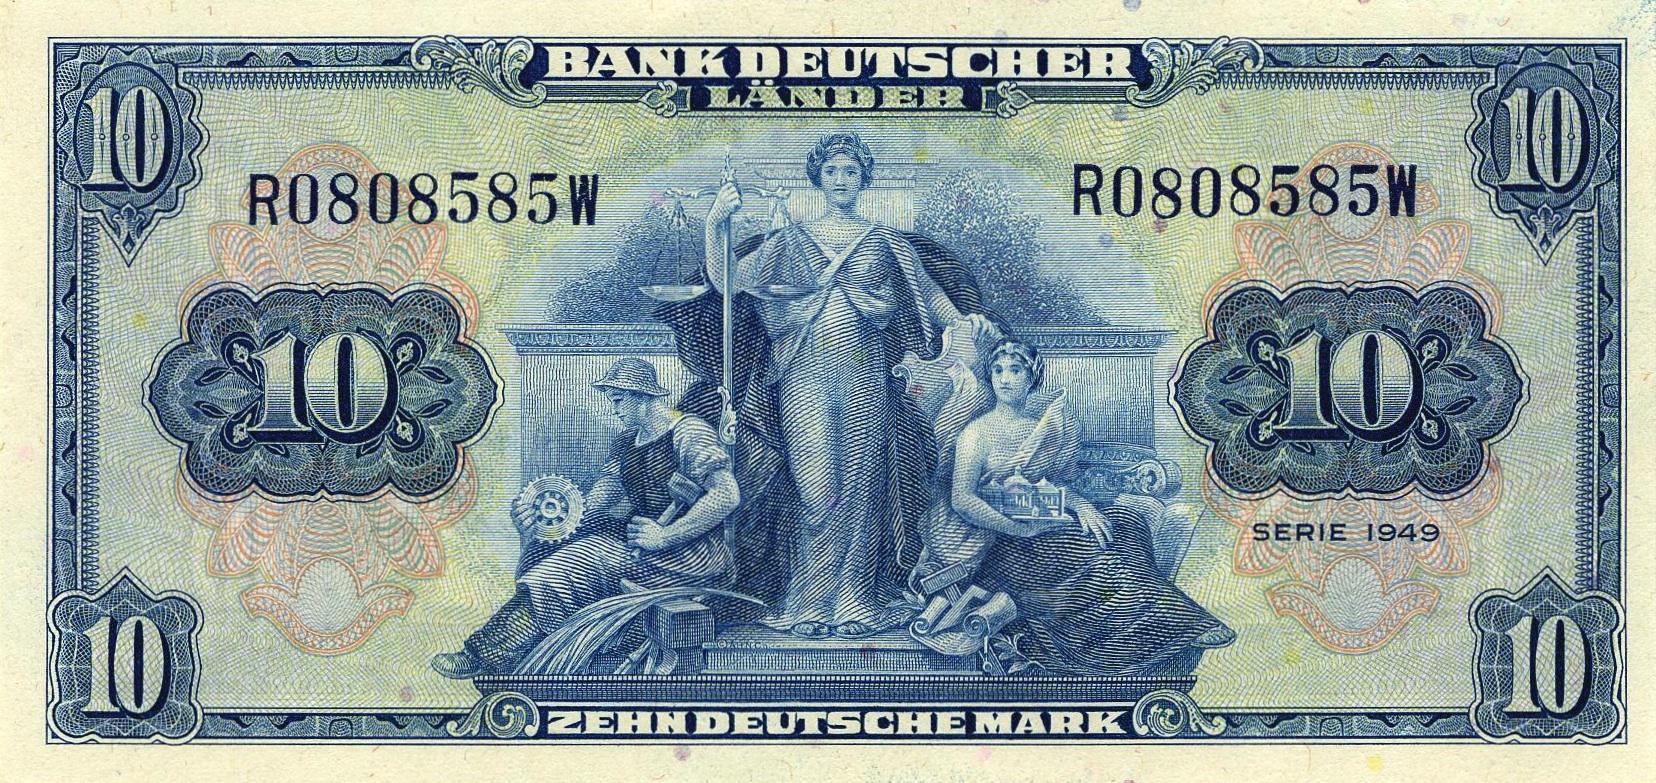 10 Deutsche Marks Bank Deutcher Lander 1949 Exchange Yours